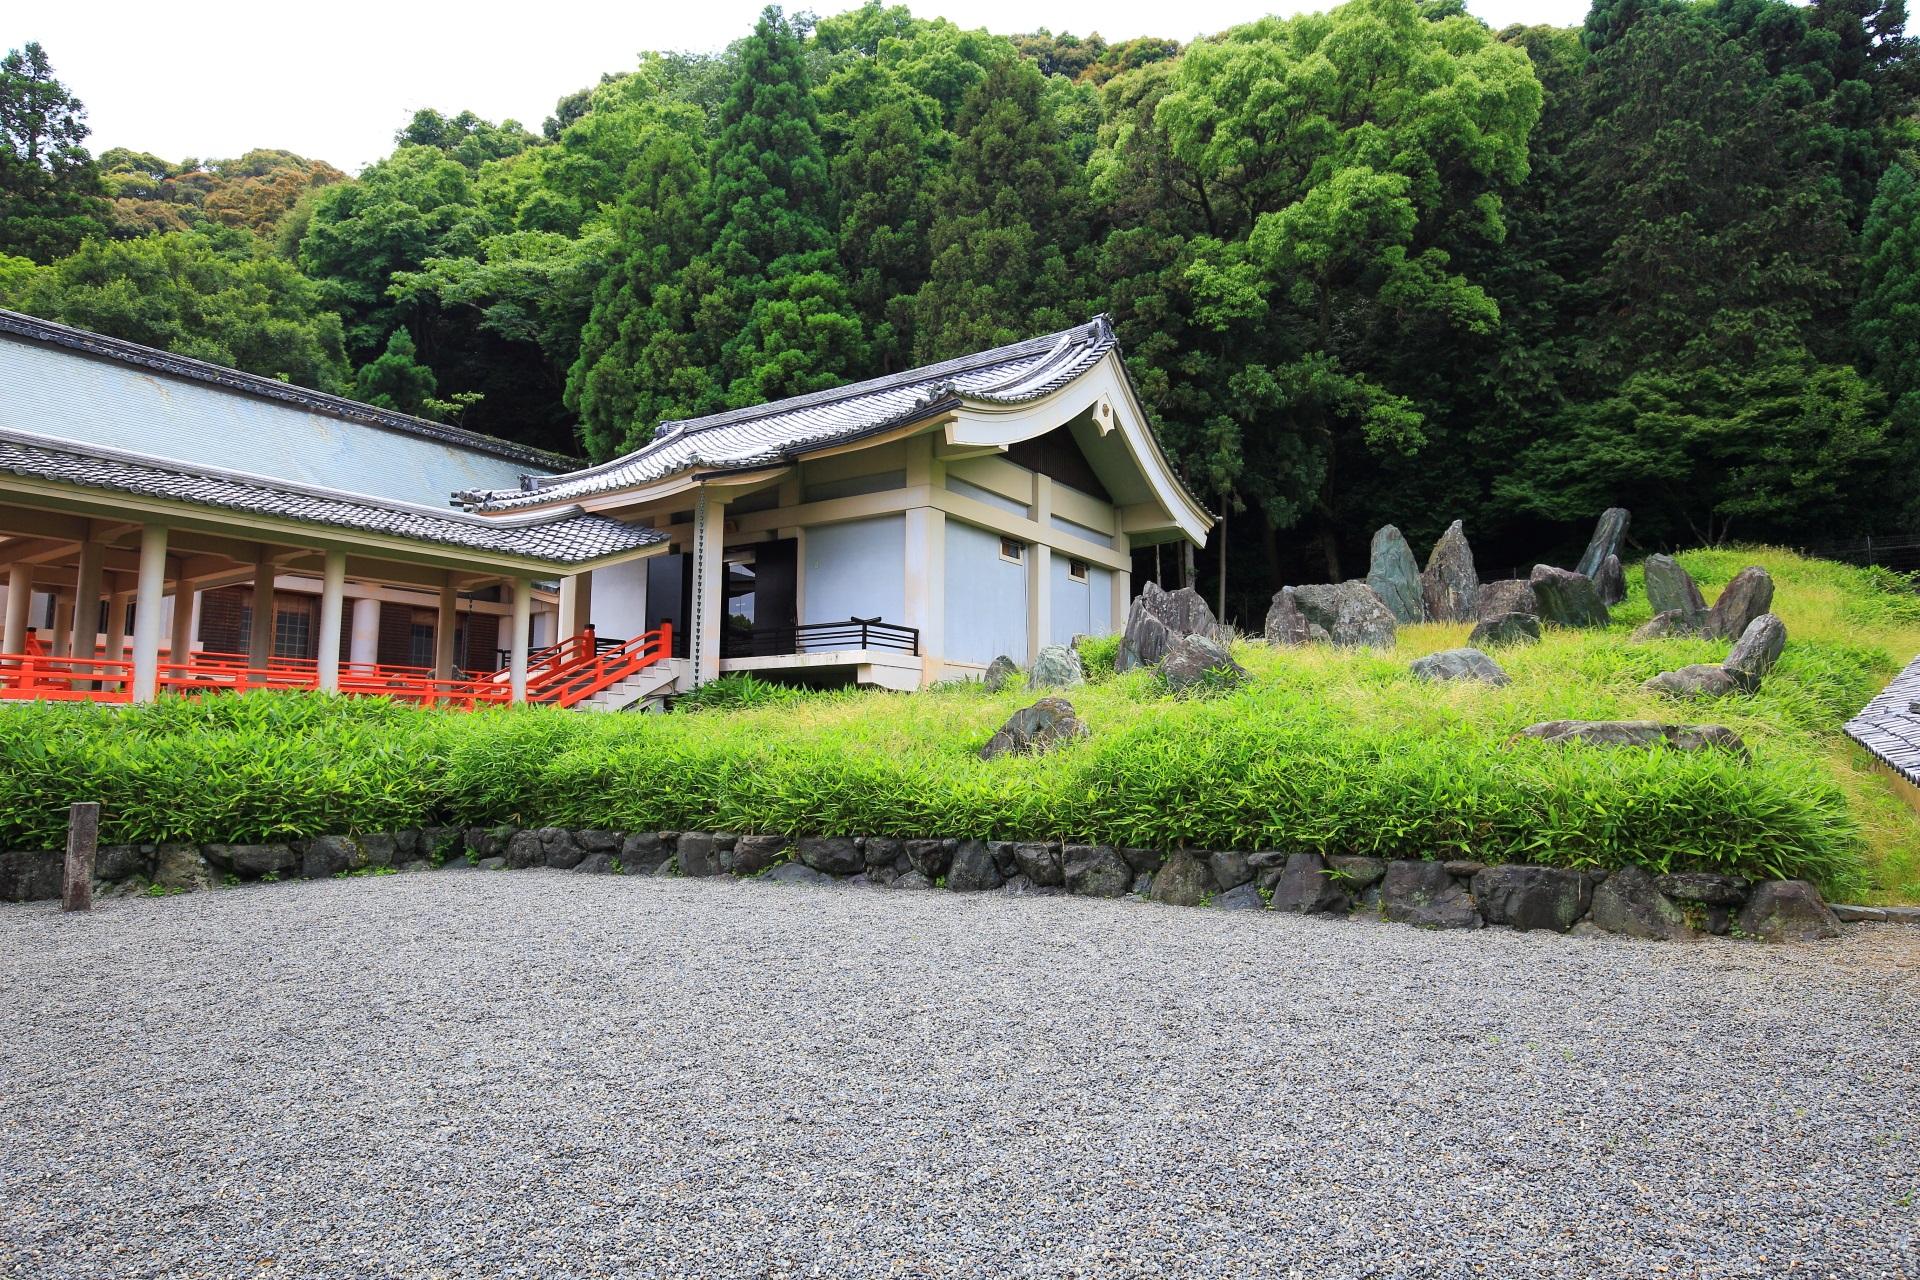 松尾大社の岩と緑の枯山水庭園である「上古(じょうこ)の庭」